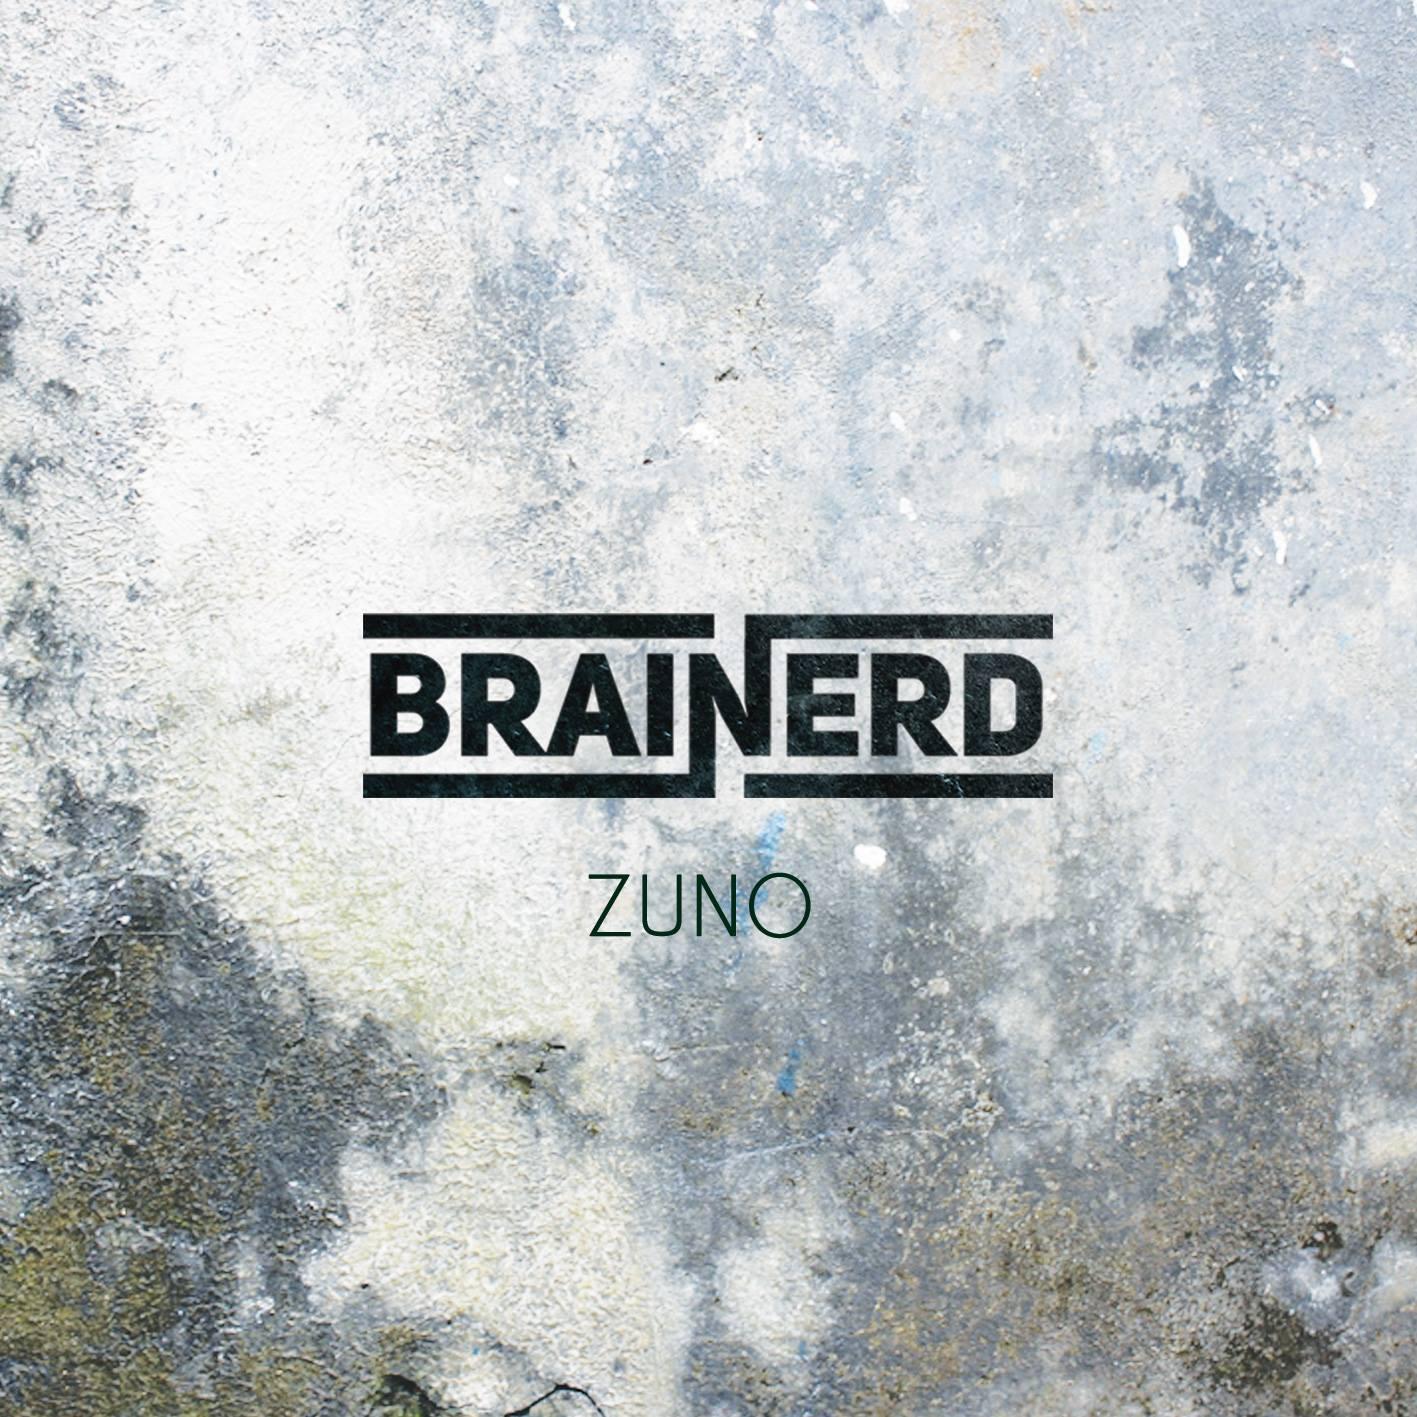 Brainerd - ZUNO